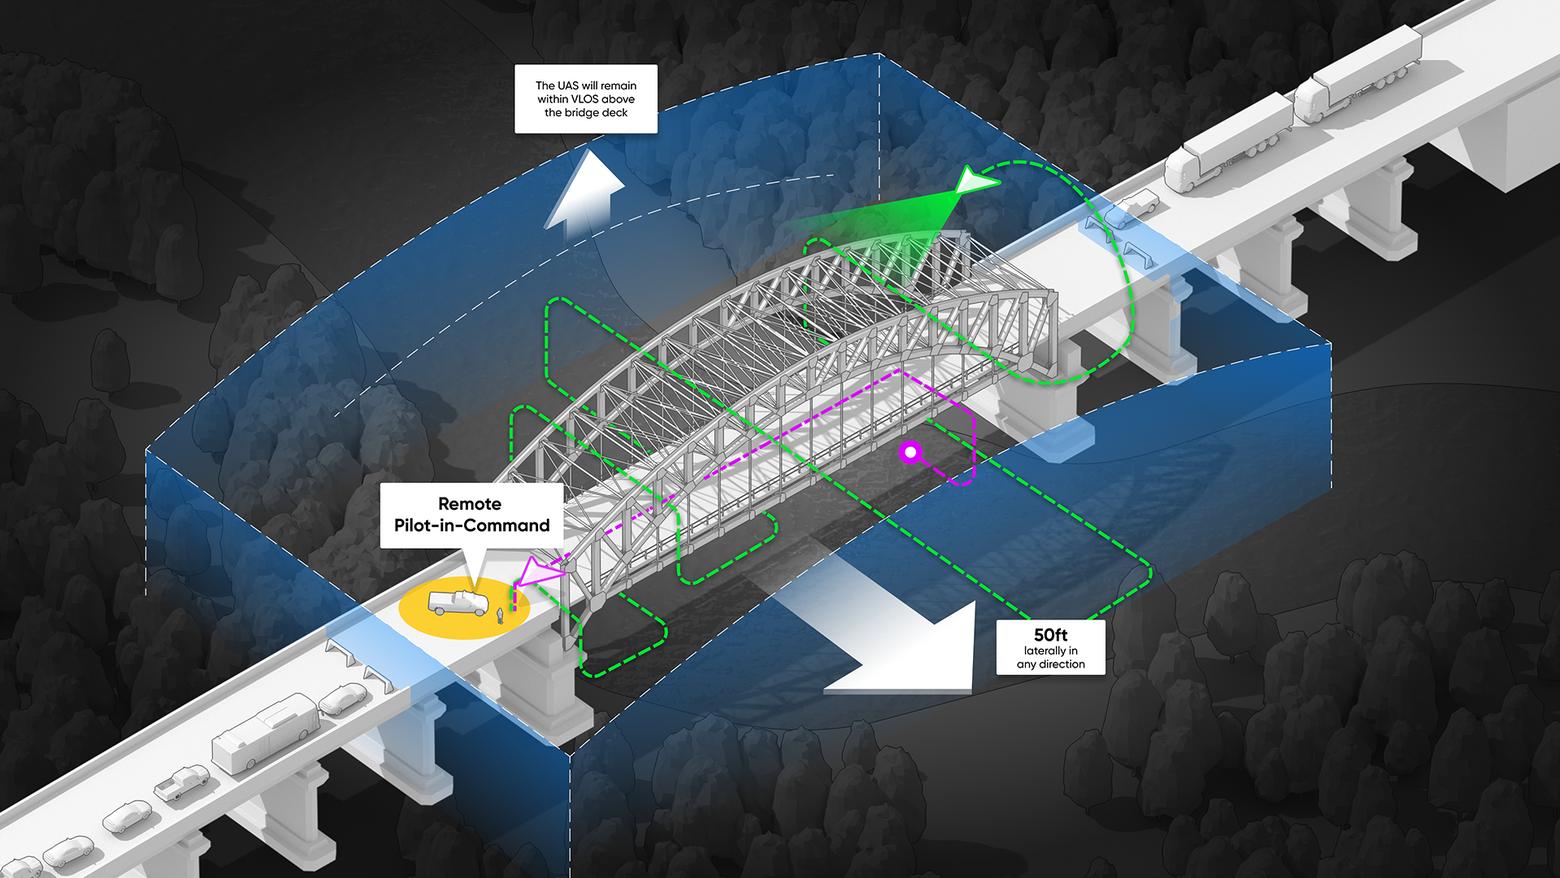 Bridge Inspection Skydio autonomous drone